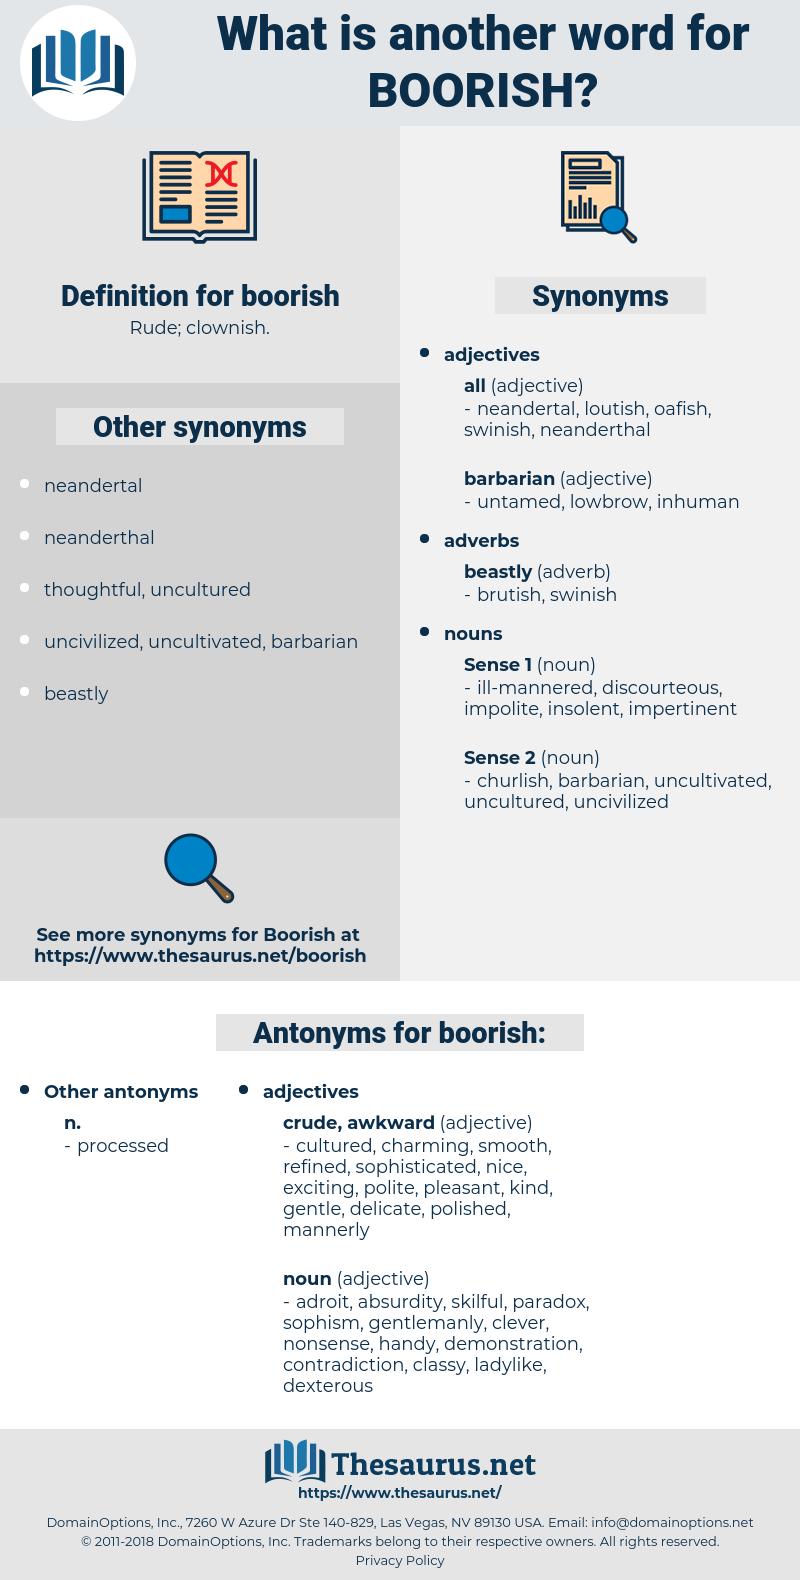 boorish, synonym boorish, another word for boorish, words like boorish, thesaurus boorish